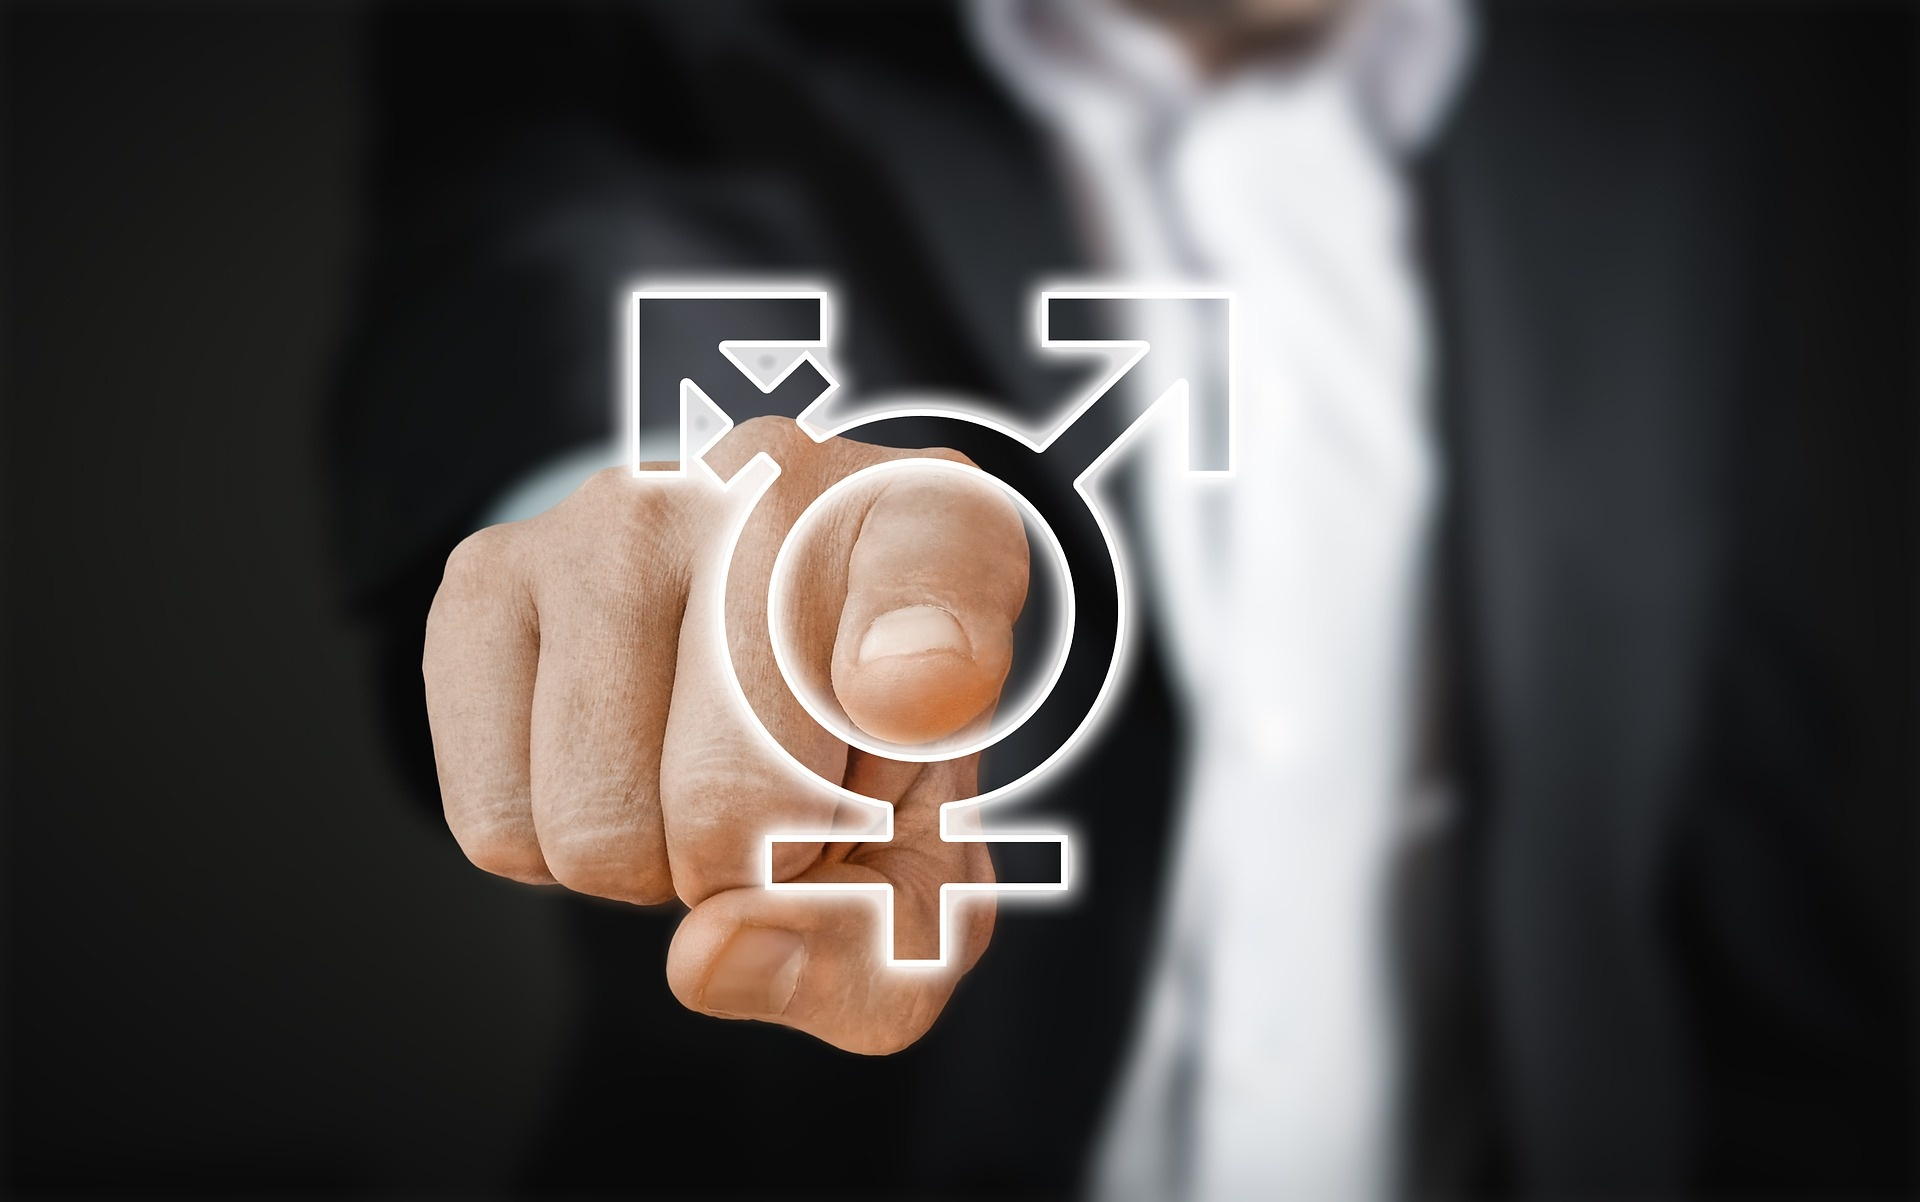 Drittes Geschlecht kann zukünftig ins Geburtenregister eingetragen werden